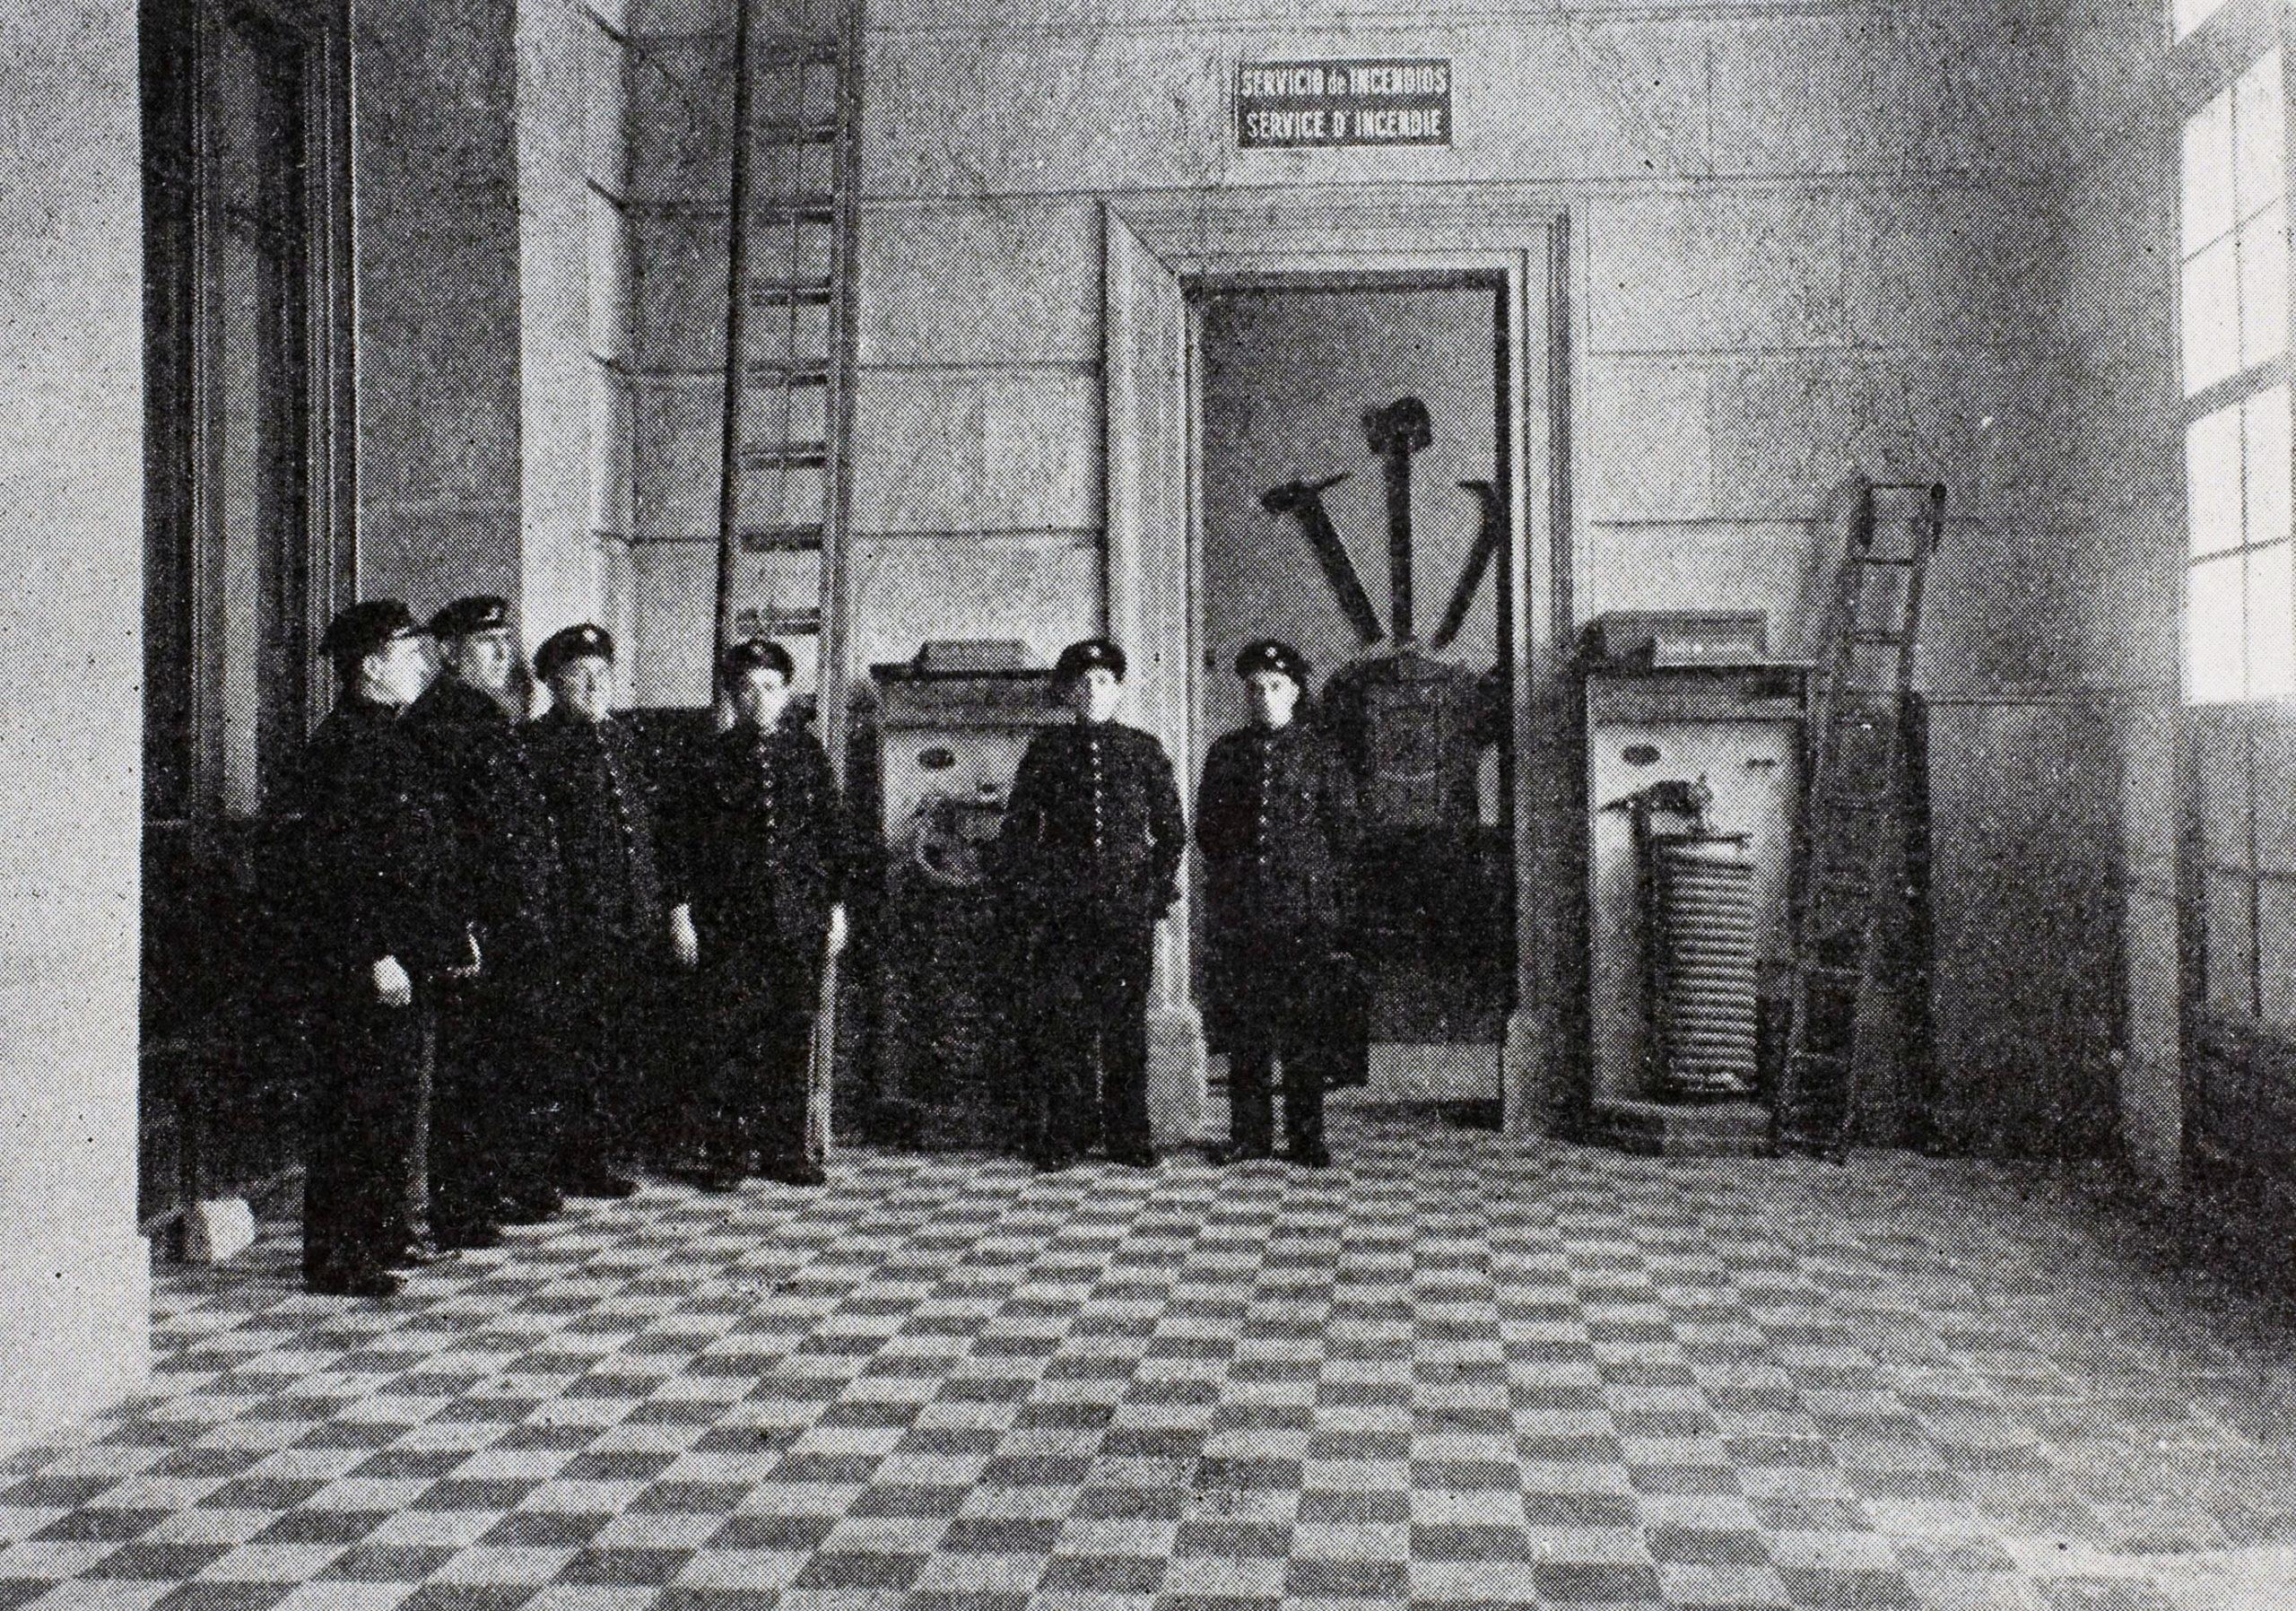 Bombers de Barcelona revisa el material d'extinció de al dipòsit d'obres de la Comissaria de Museusa a l'església de Sant Esteve d'Olot, novembre 1936